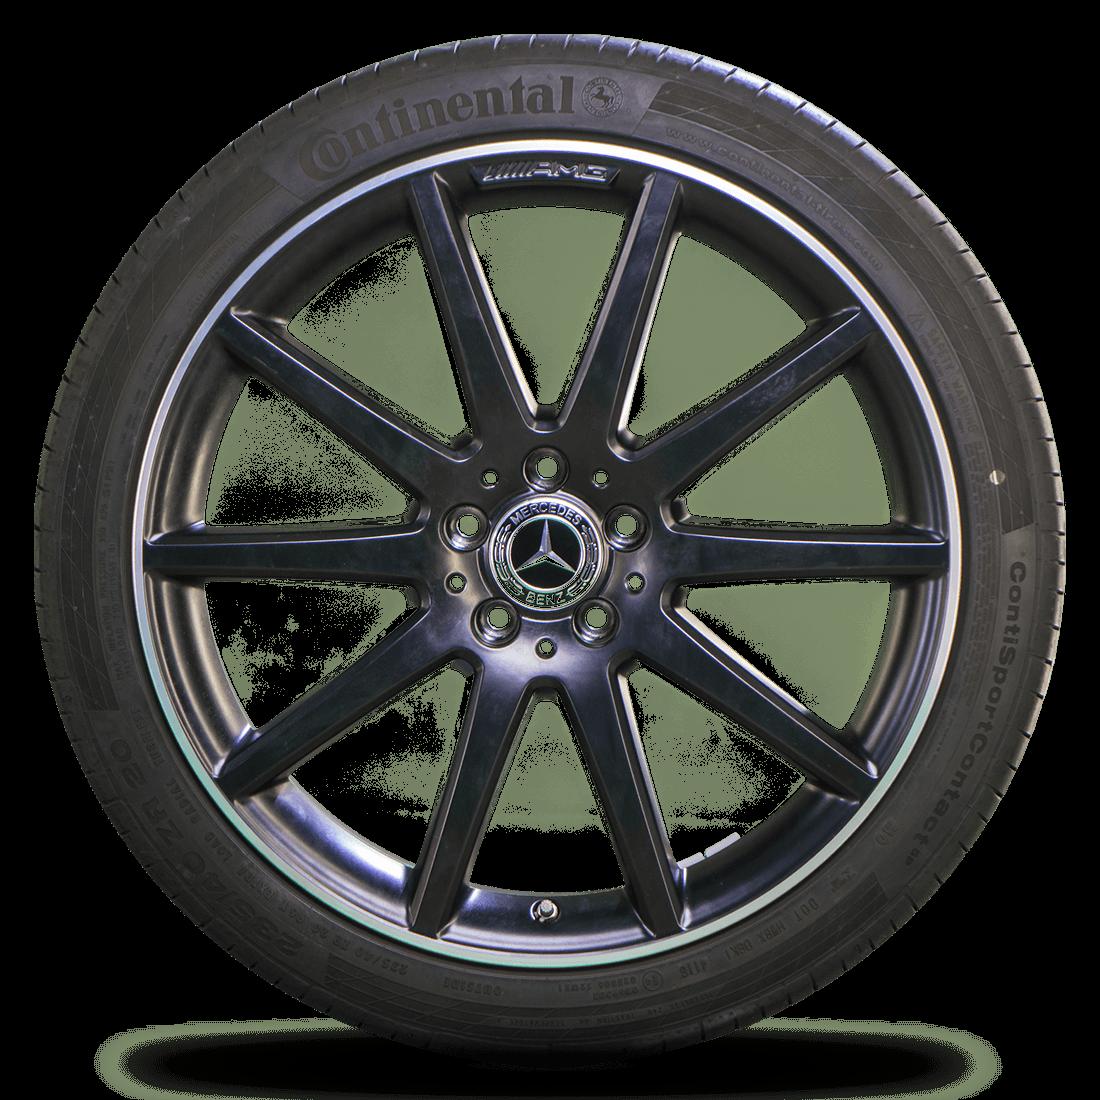 Mercedes Benz Rims >> Amg 20 Inch Aluminum Rims Mercedes Benz Gla 45 X156 Rims Summer Wheels Summer